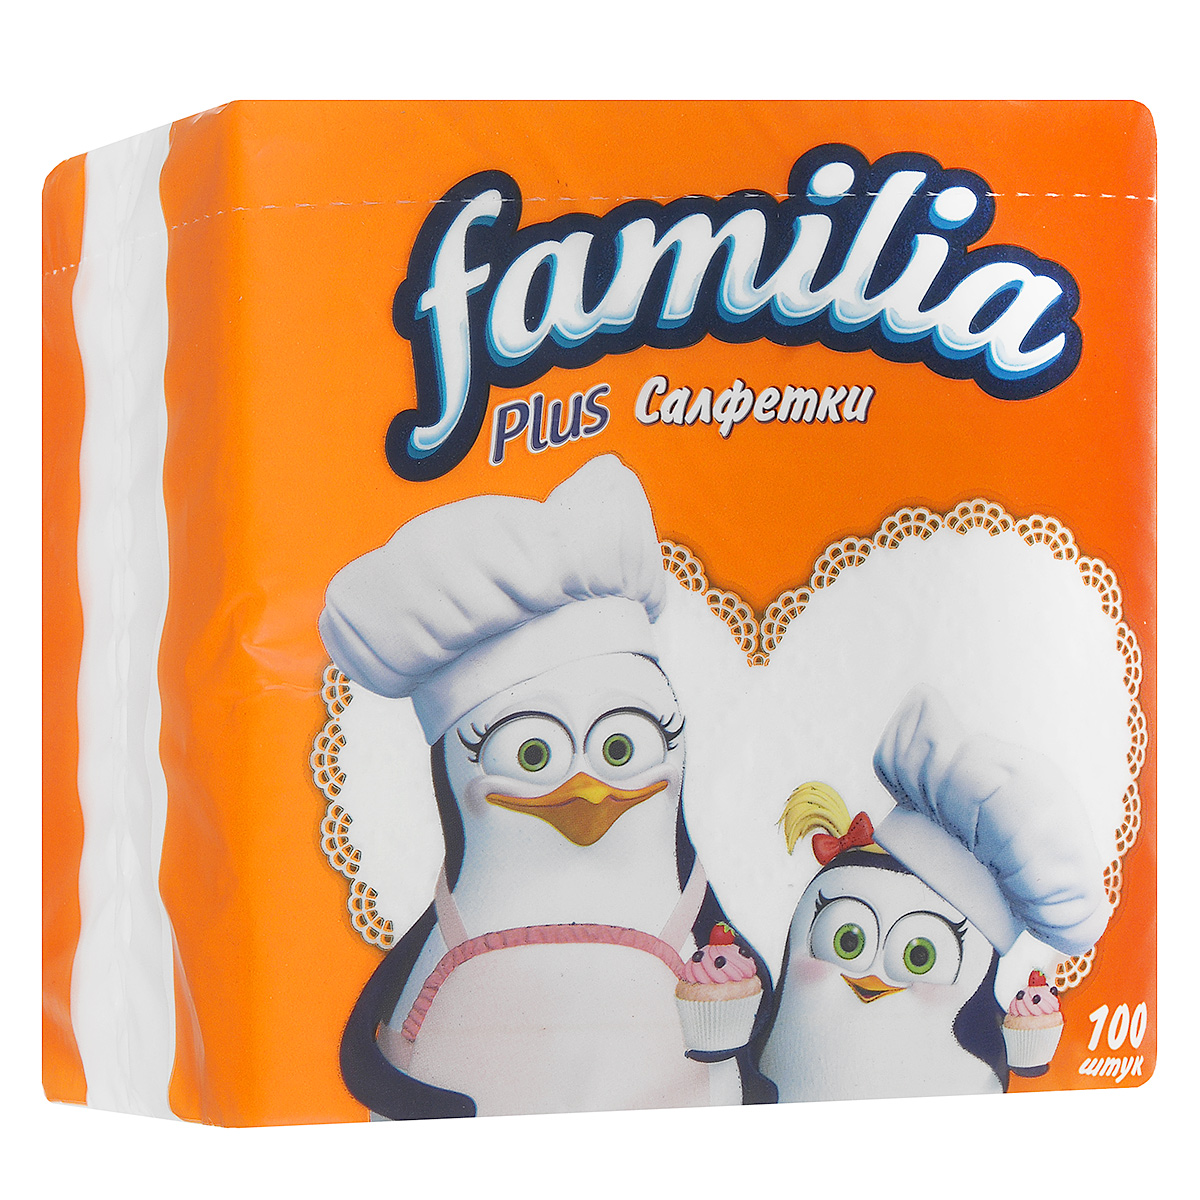 Салфетки бумажные Familia Plus, цвет: белый, 30 х 30 см, 100 шт787502Однослойные бумажные салфетки Familia Plus, выполненные из натуральной целлюлозы с тиснением, станут отличным дополнением любого праздничного стола. Они отличаются необычной мягкостью и оригинальностью. Состав: 100% целлюлоза. Размер салфетки: 30 см х 30 см.Количество слоев: 1.Количество салфеток: 100 шт.